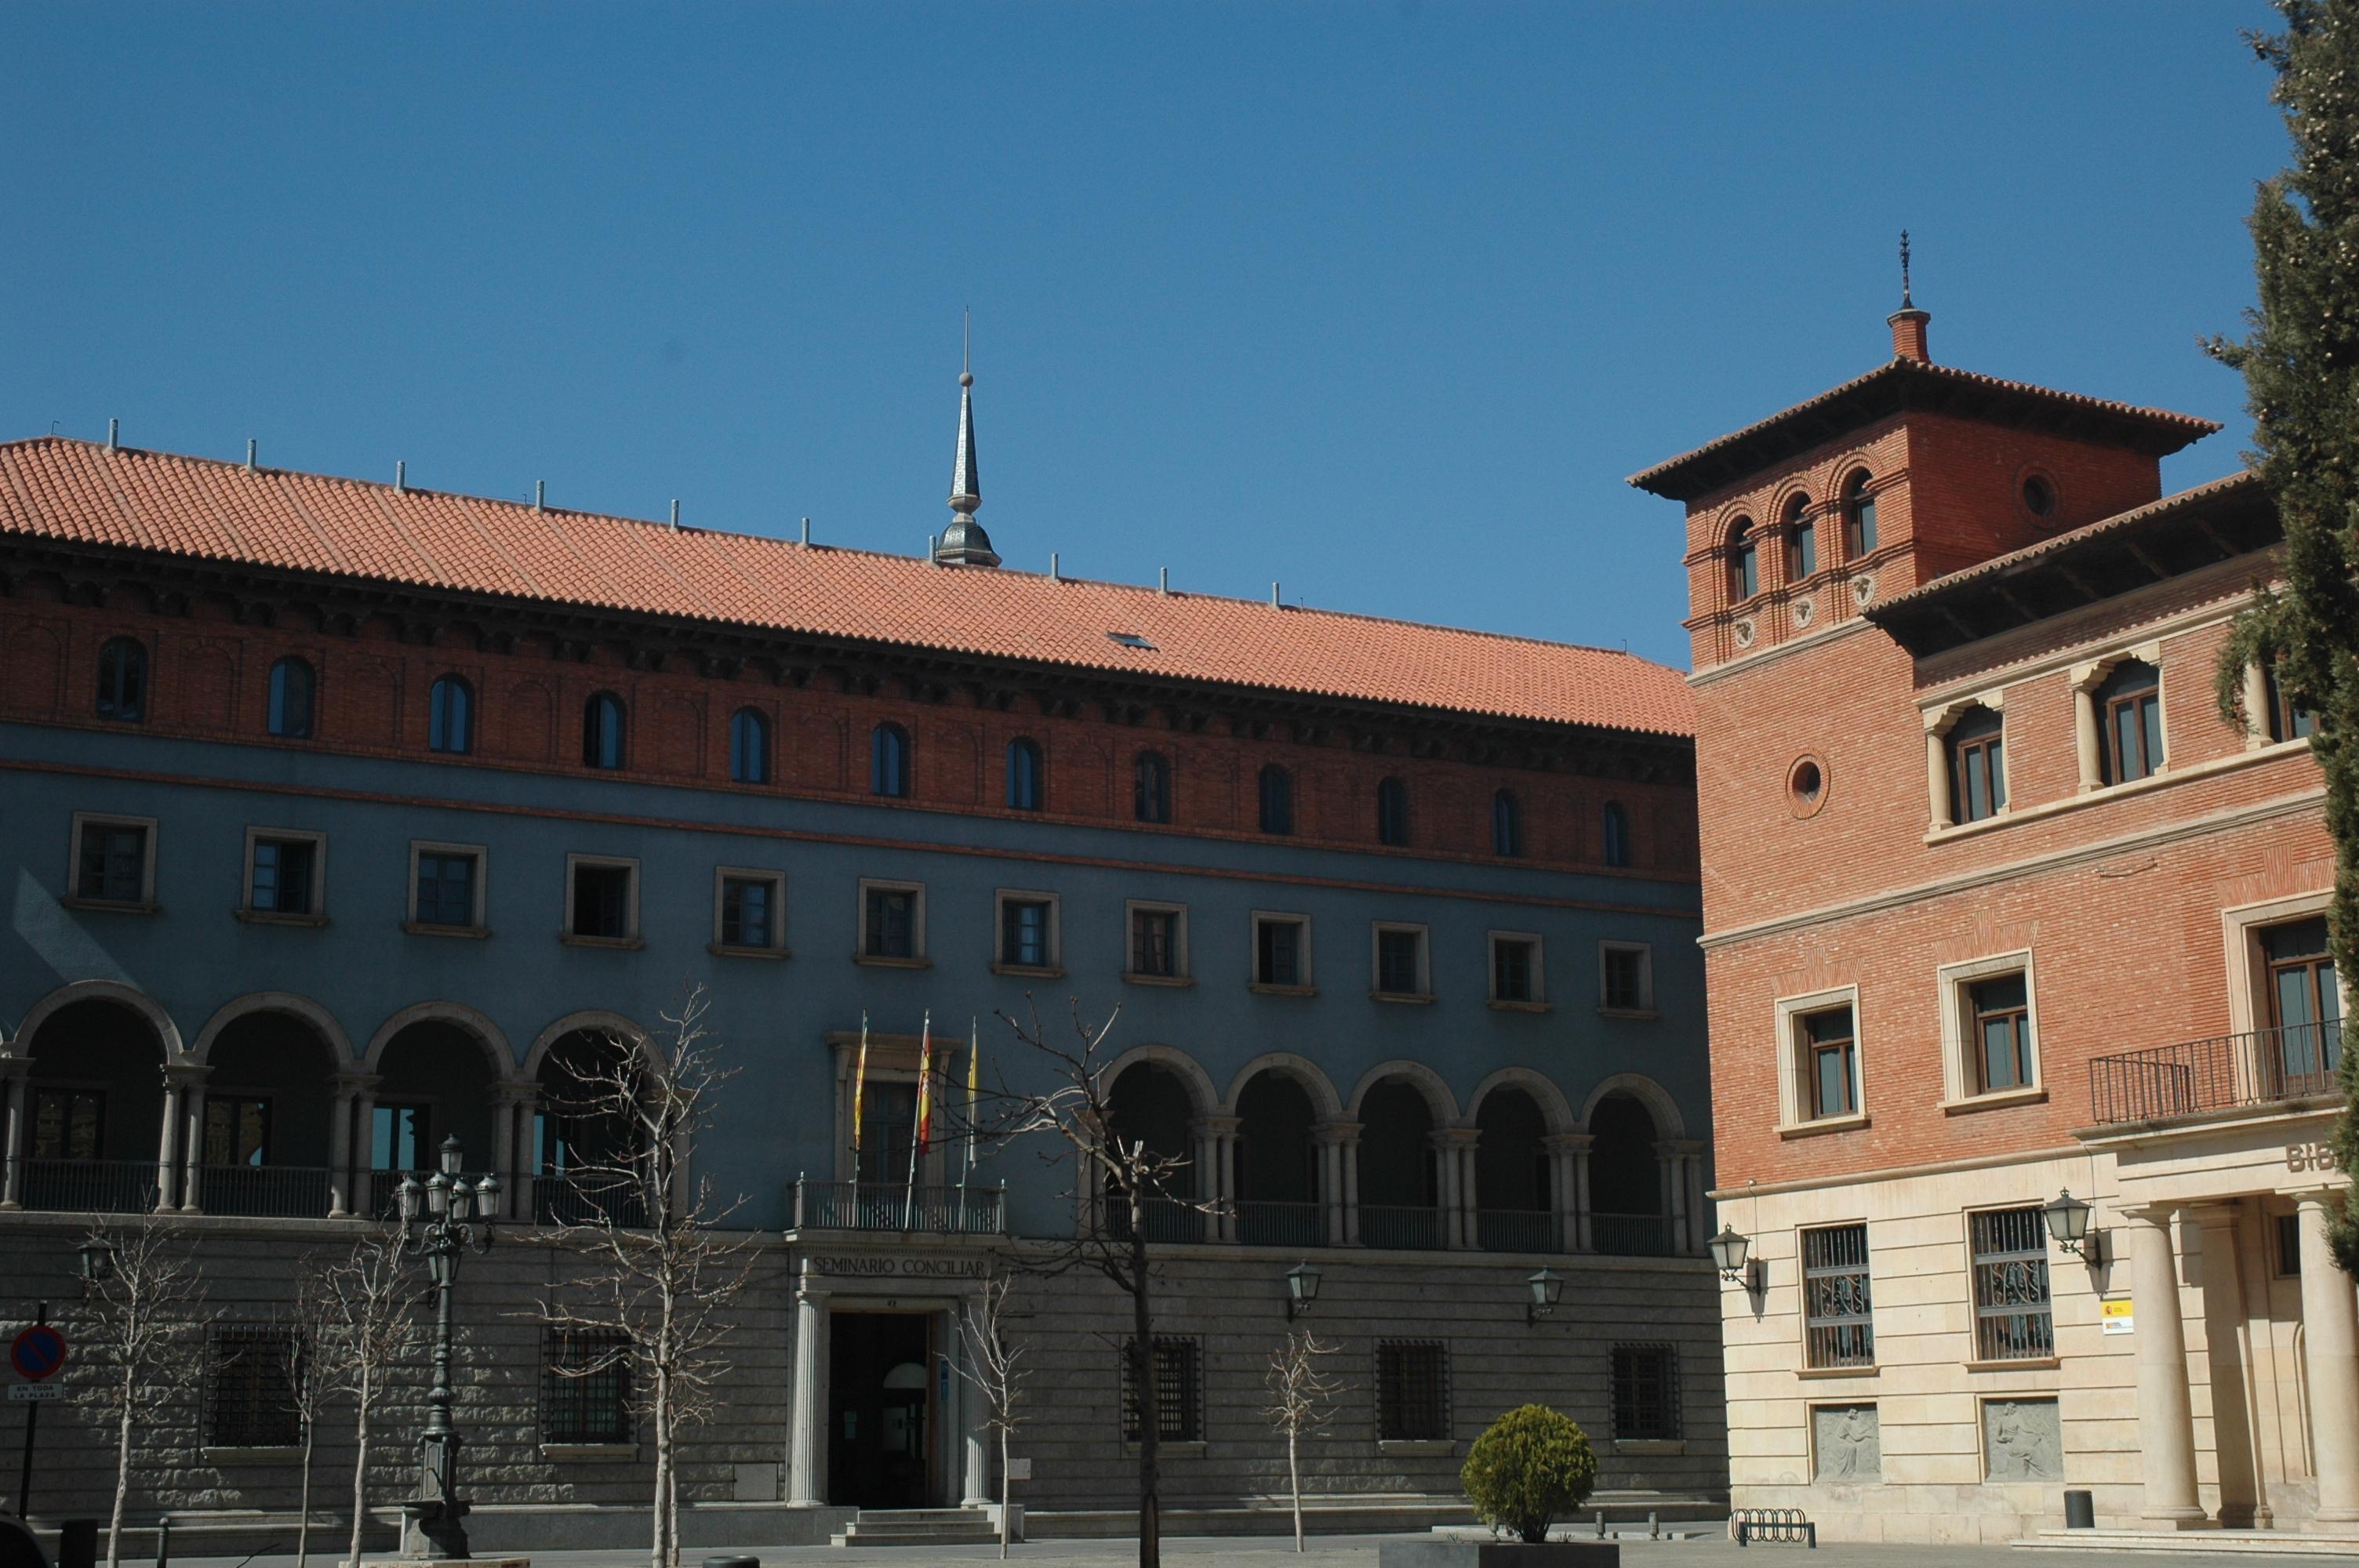 Seminario y antigua Casa de Cultura. Teruel